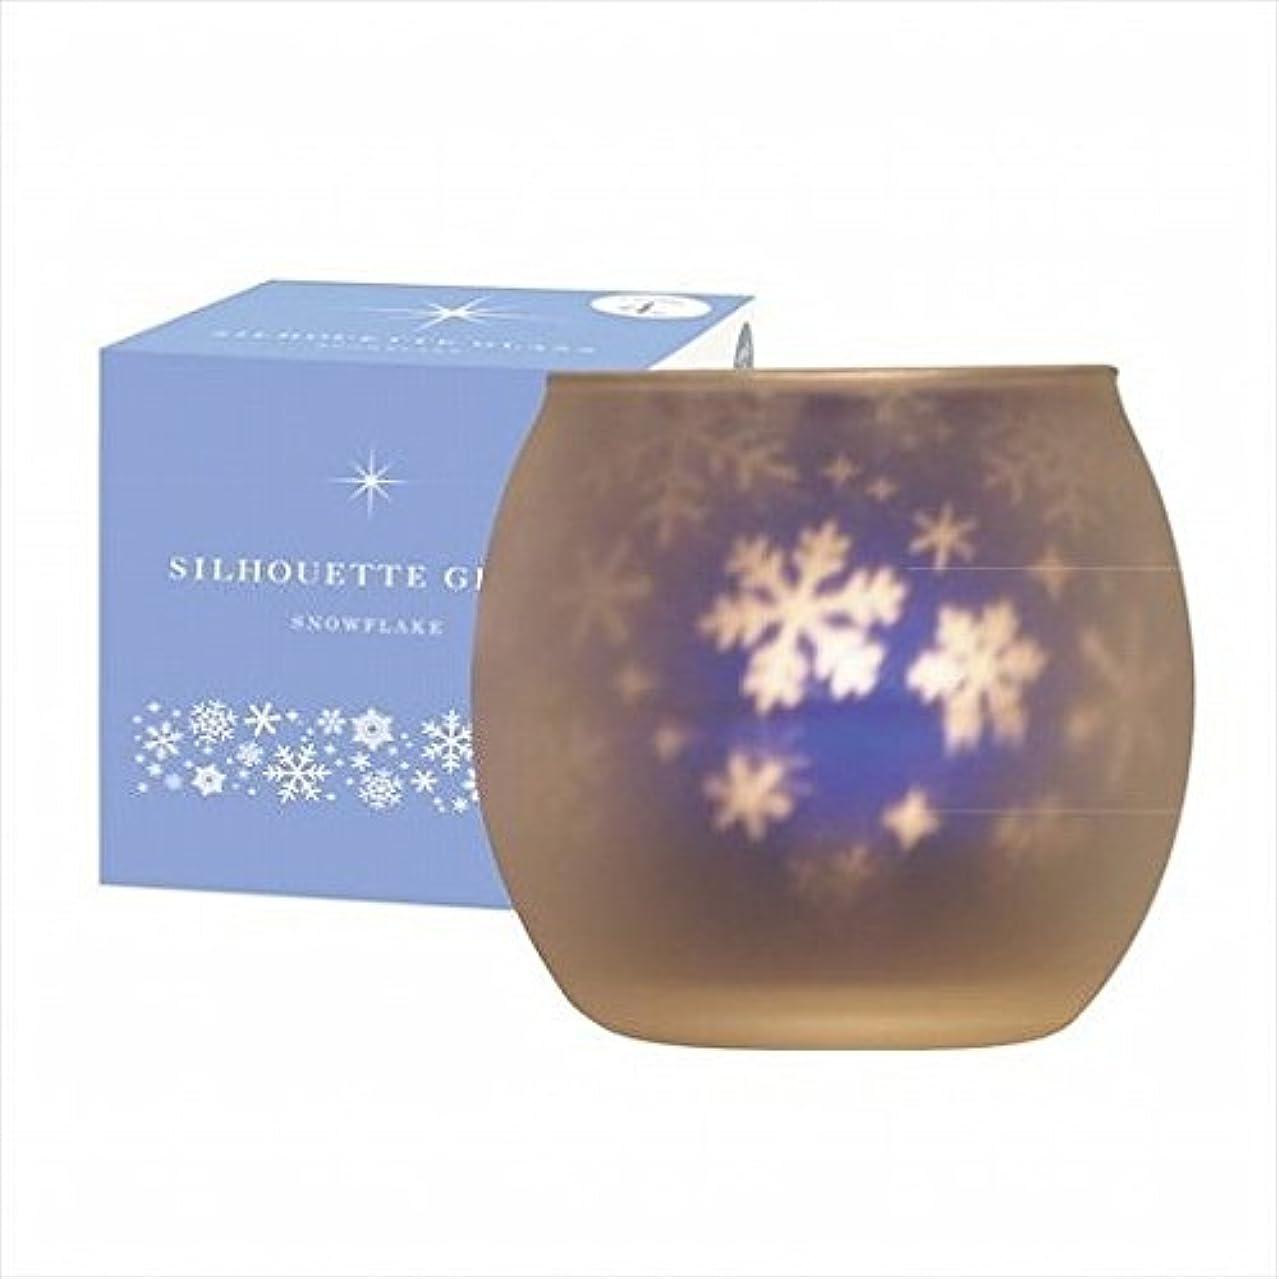 kameyama candle(カメヤマキャンドル) スノーフレークシルエットグラス【キャンドル4個付き】(J1001022)